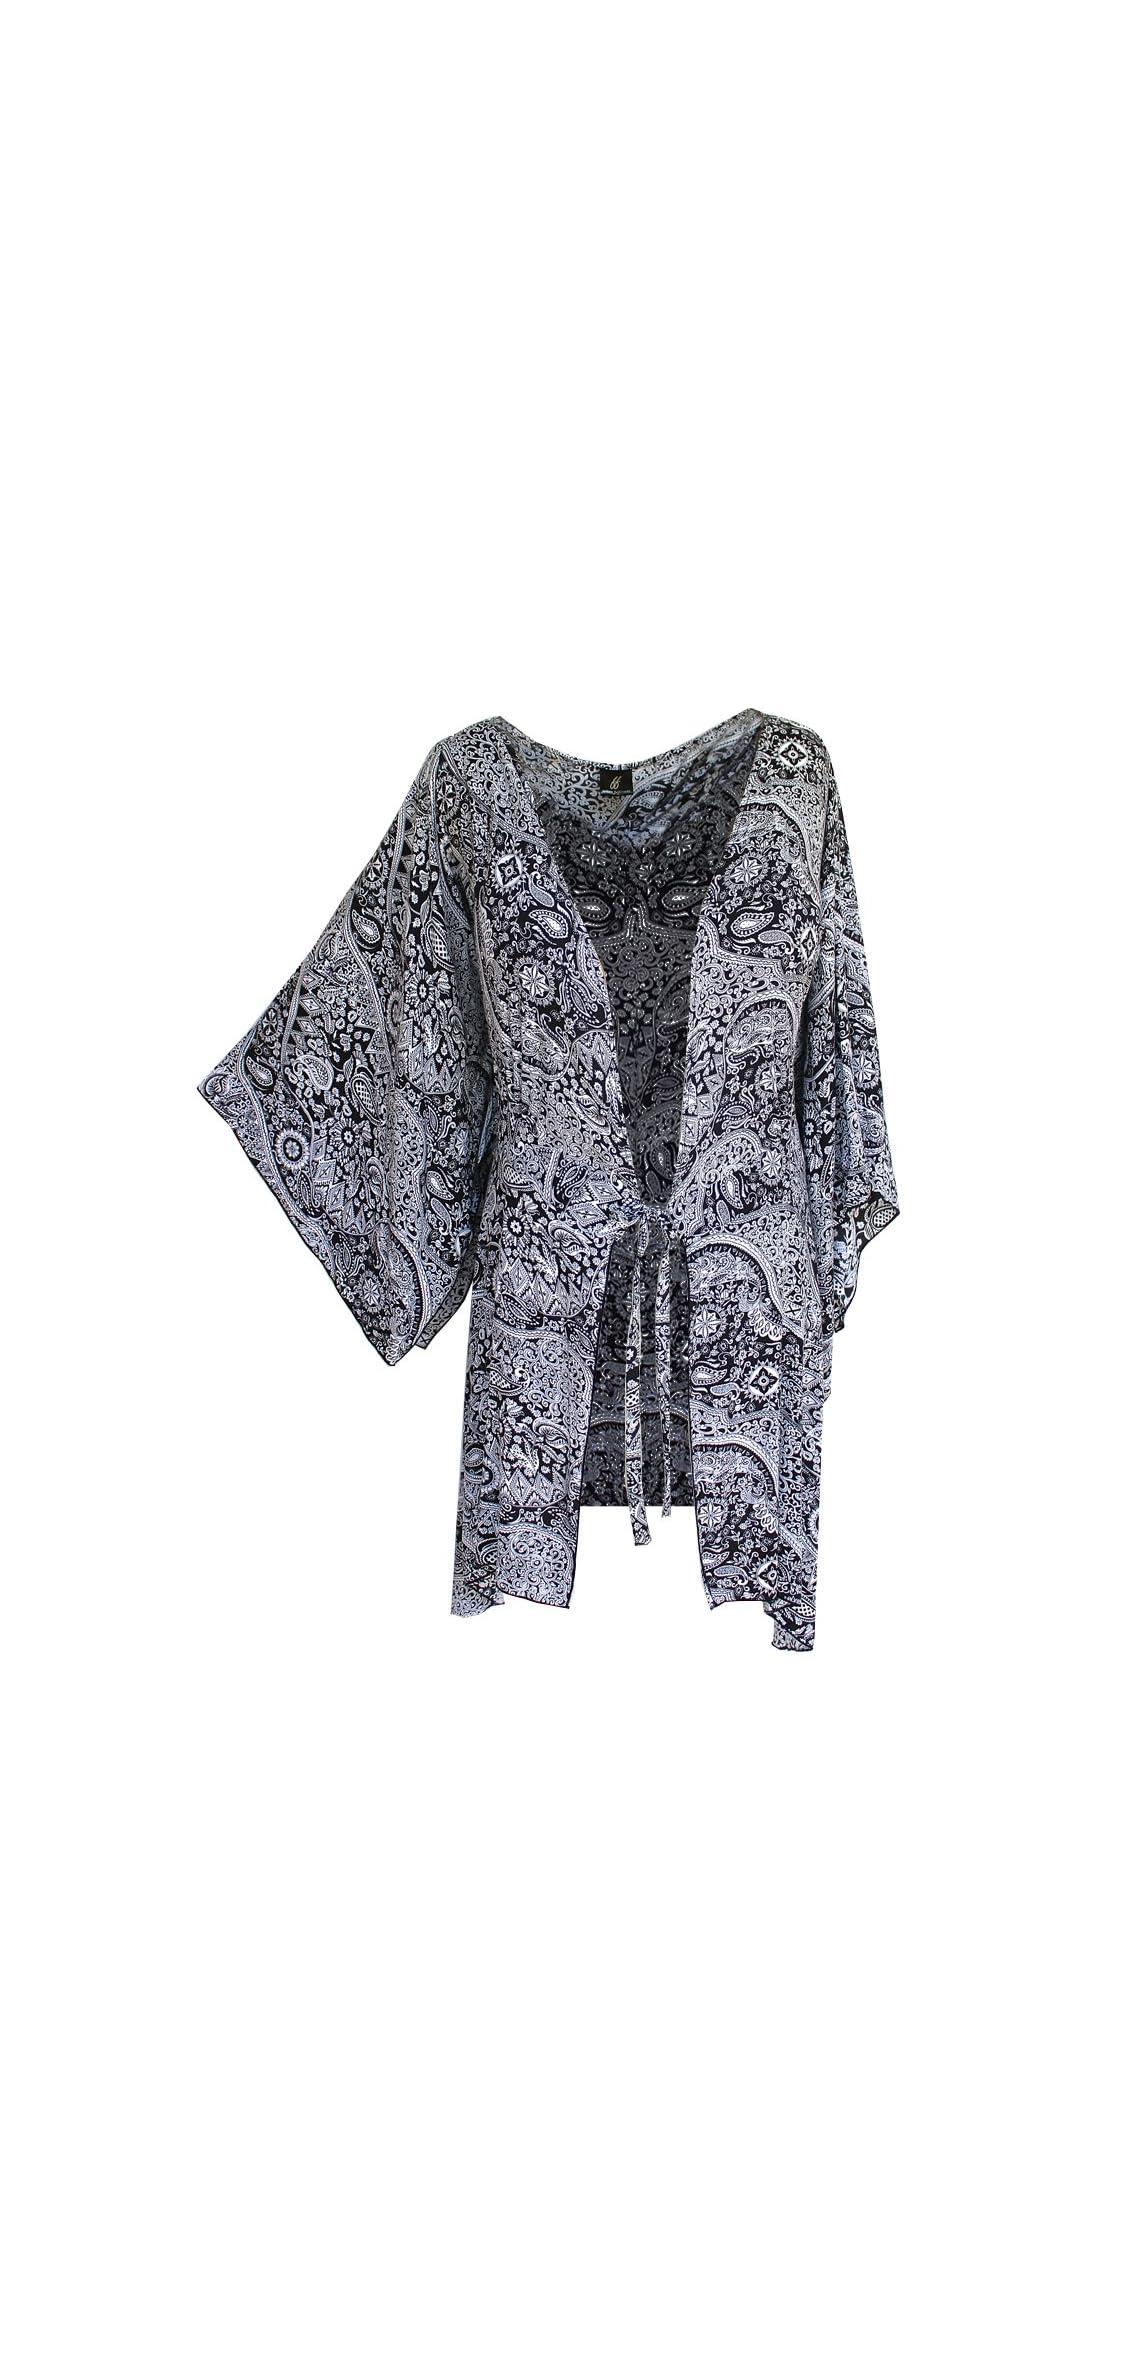 Womens Clothing Plus Size Kimono Tunic Cardigan, Kimono Sleeve,